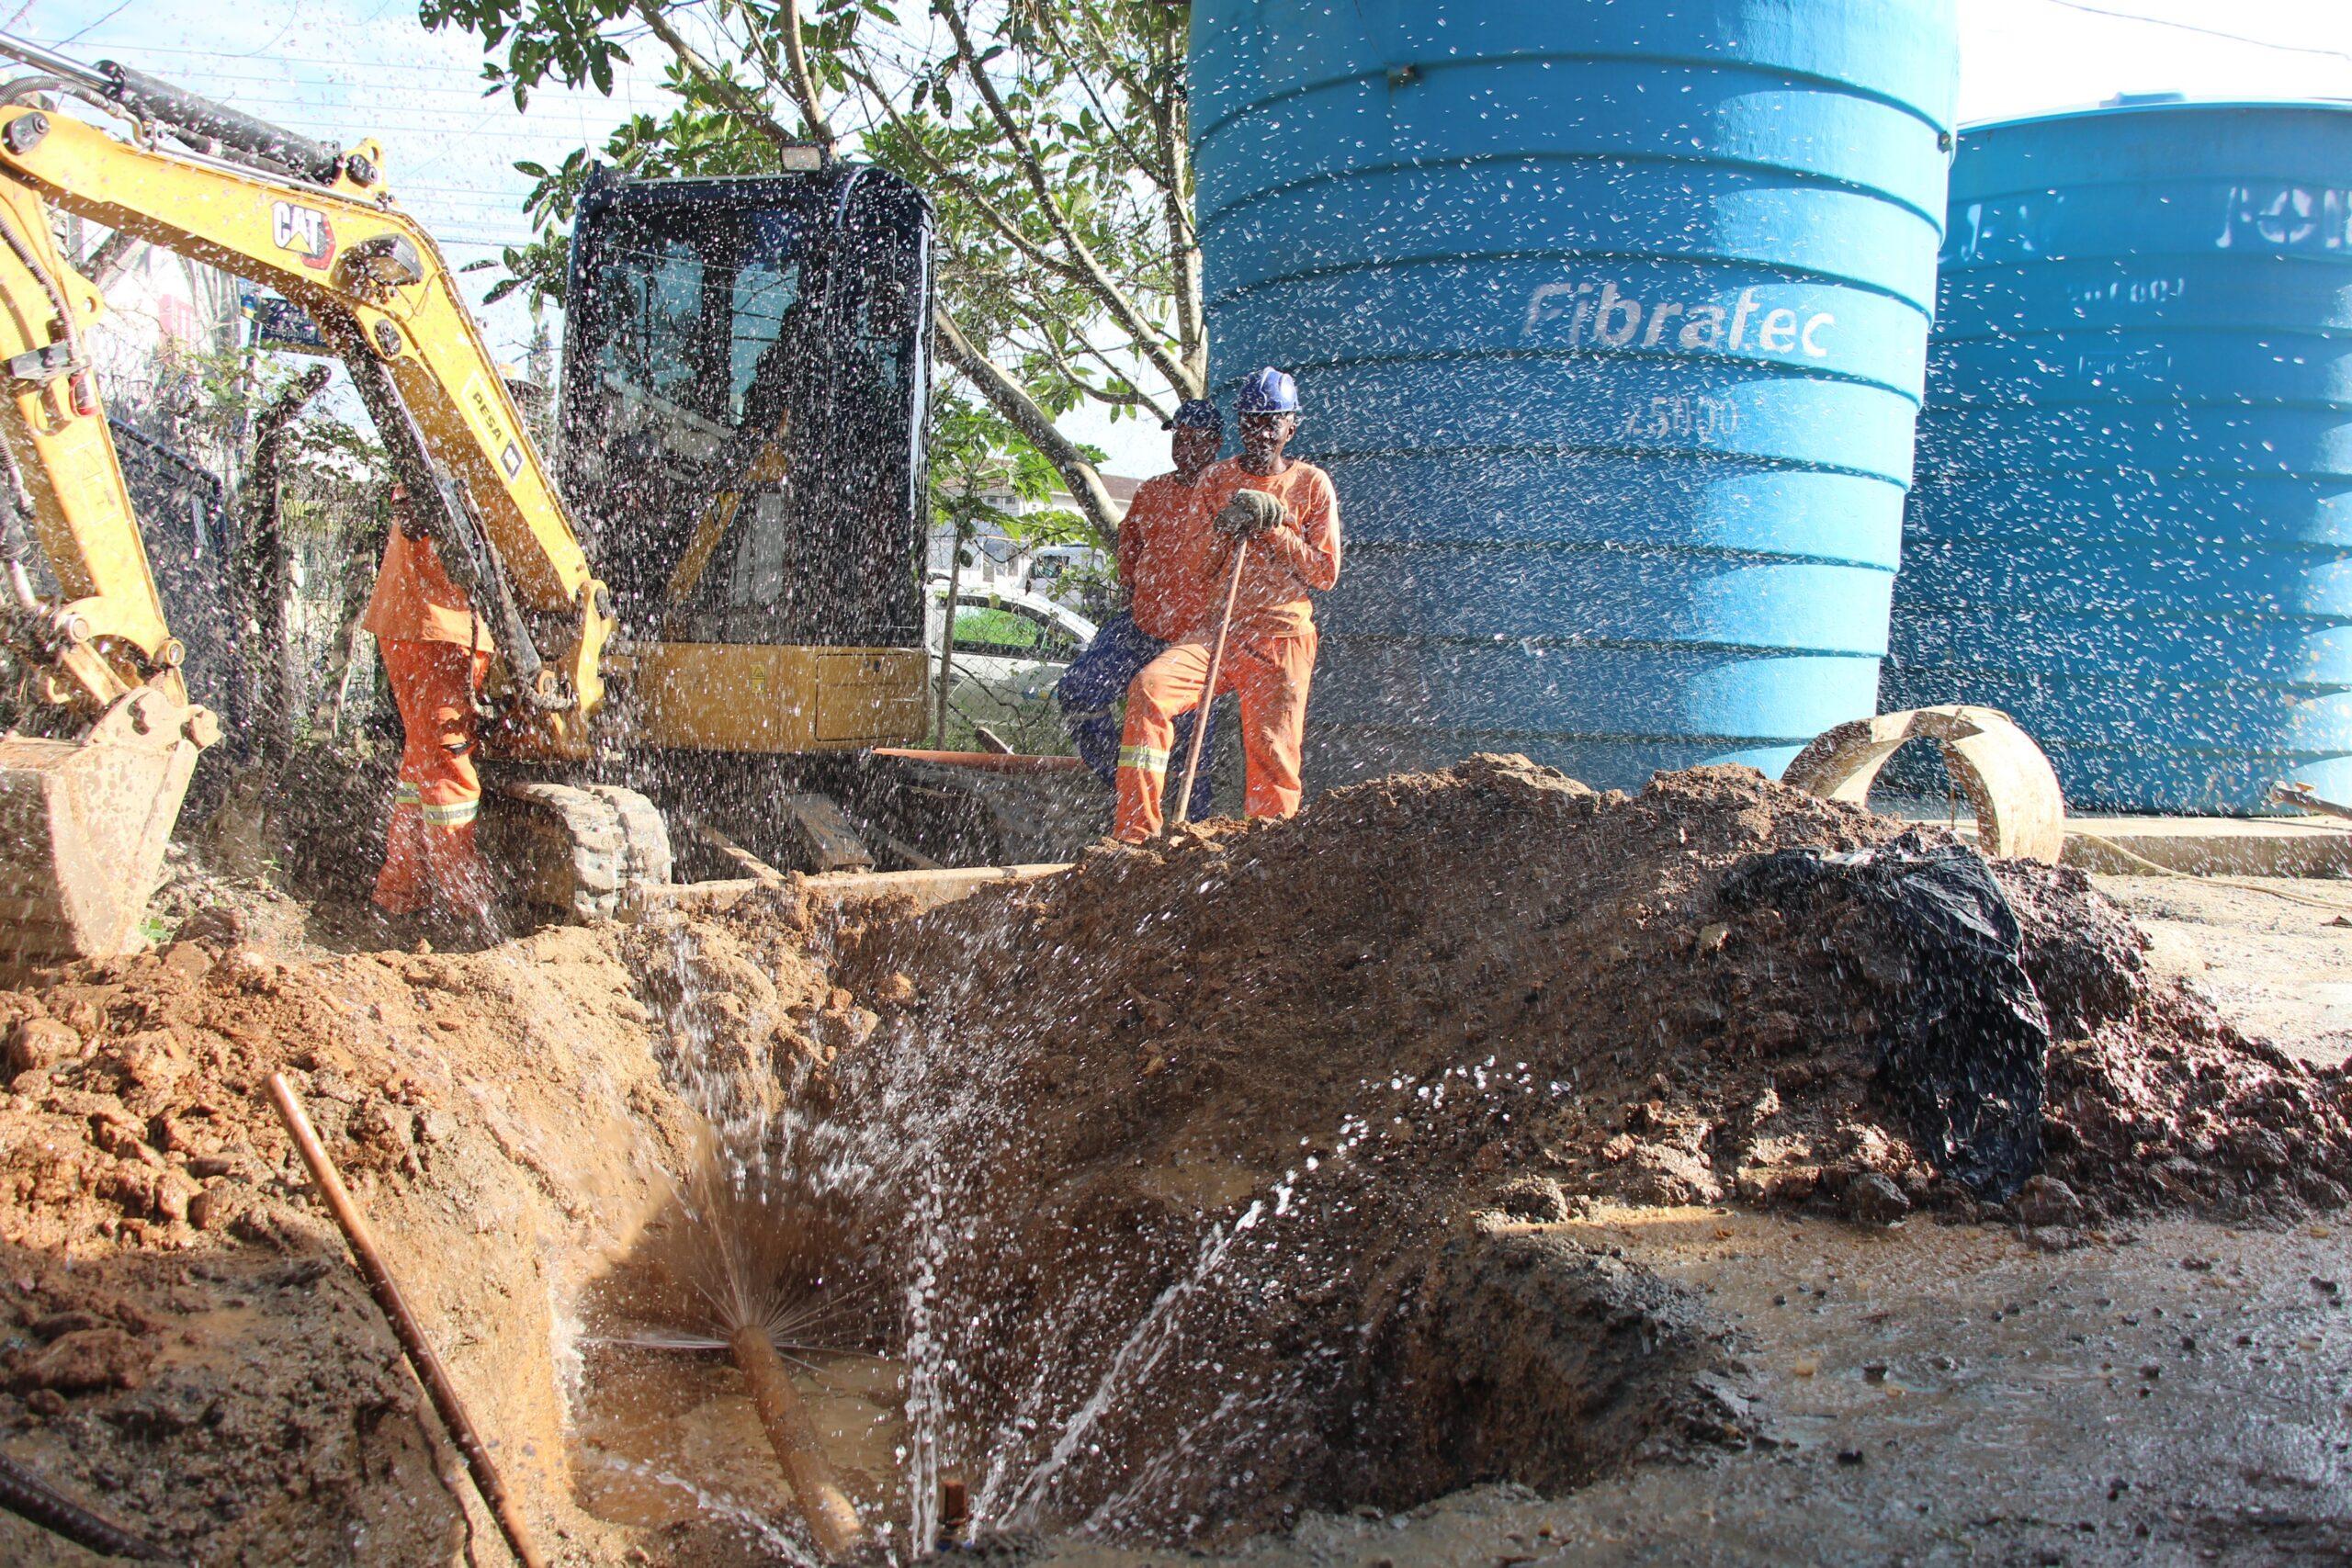 Rede de água nas áreas rurais de Itajaí: Semasa finaliza mais 6 km de redes de água no interior